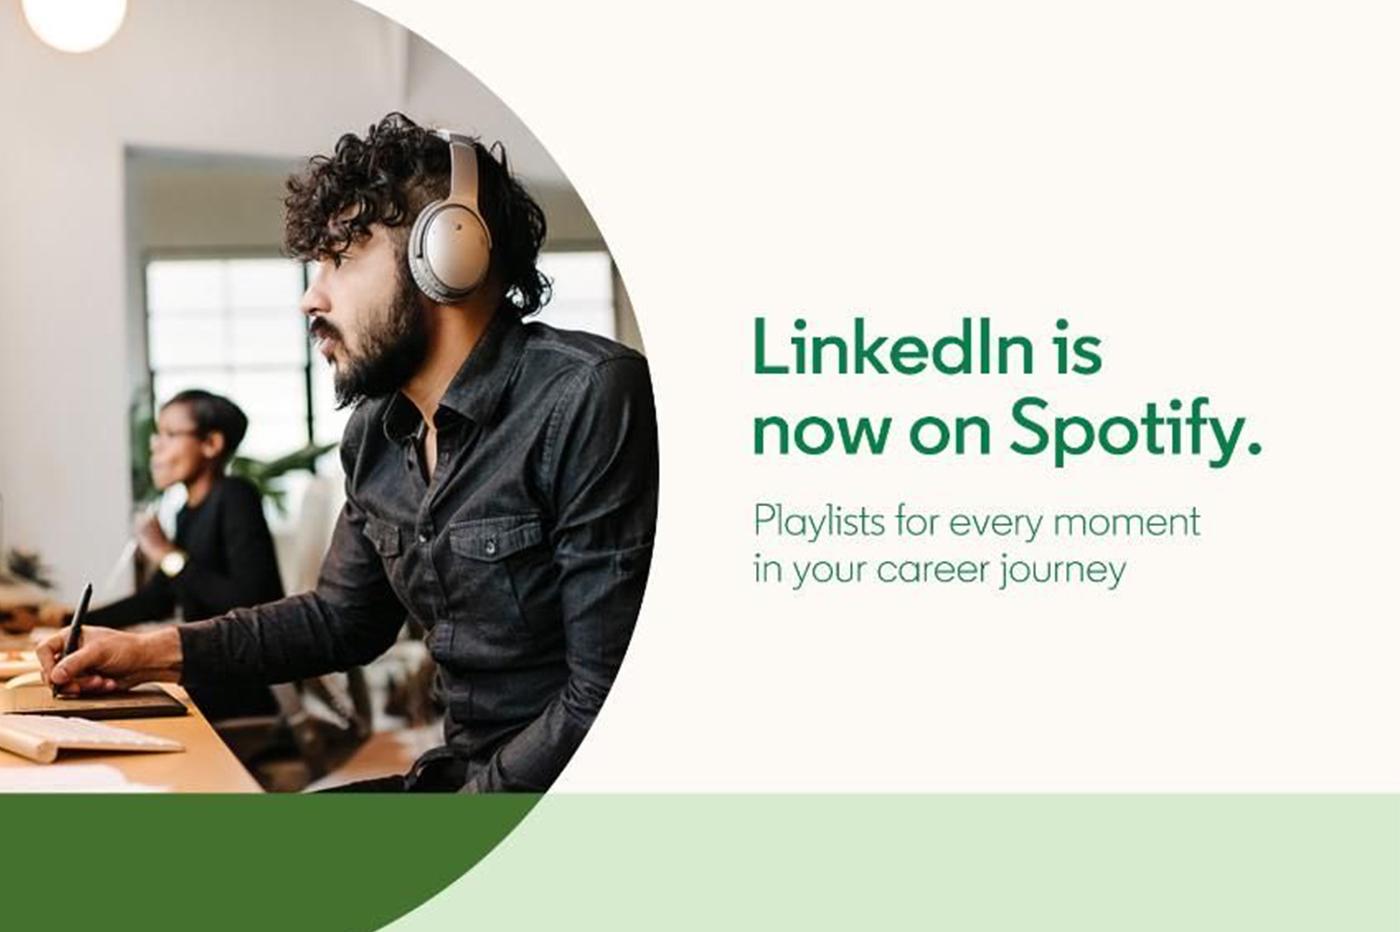 spotify-linkedin